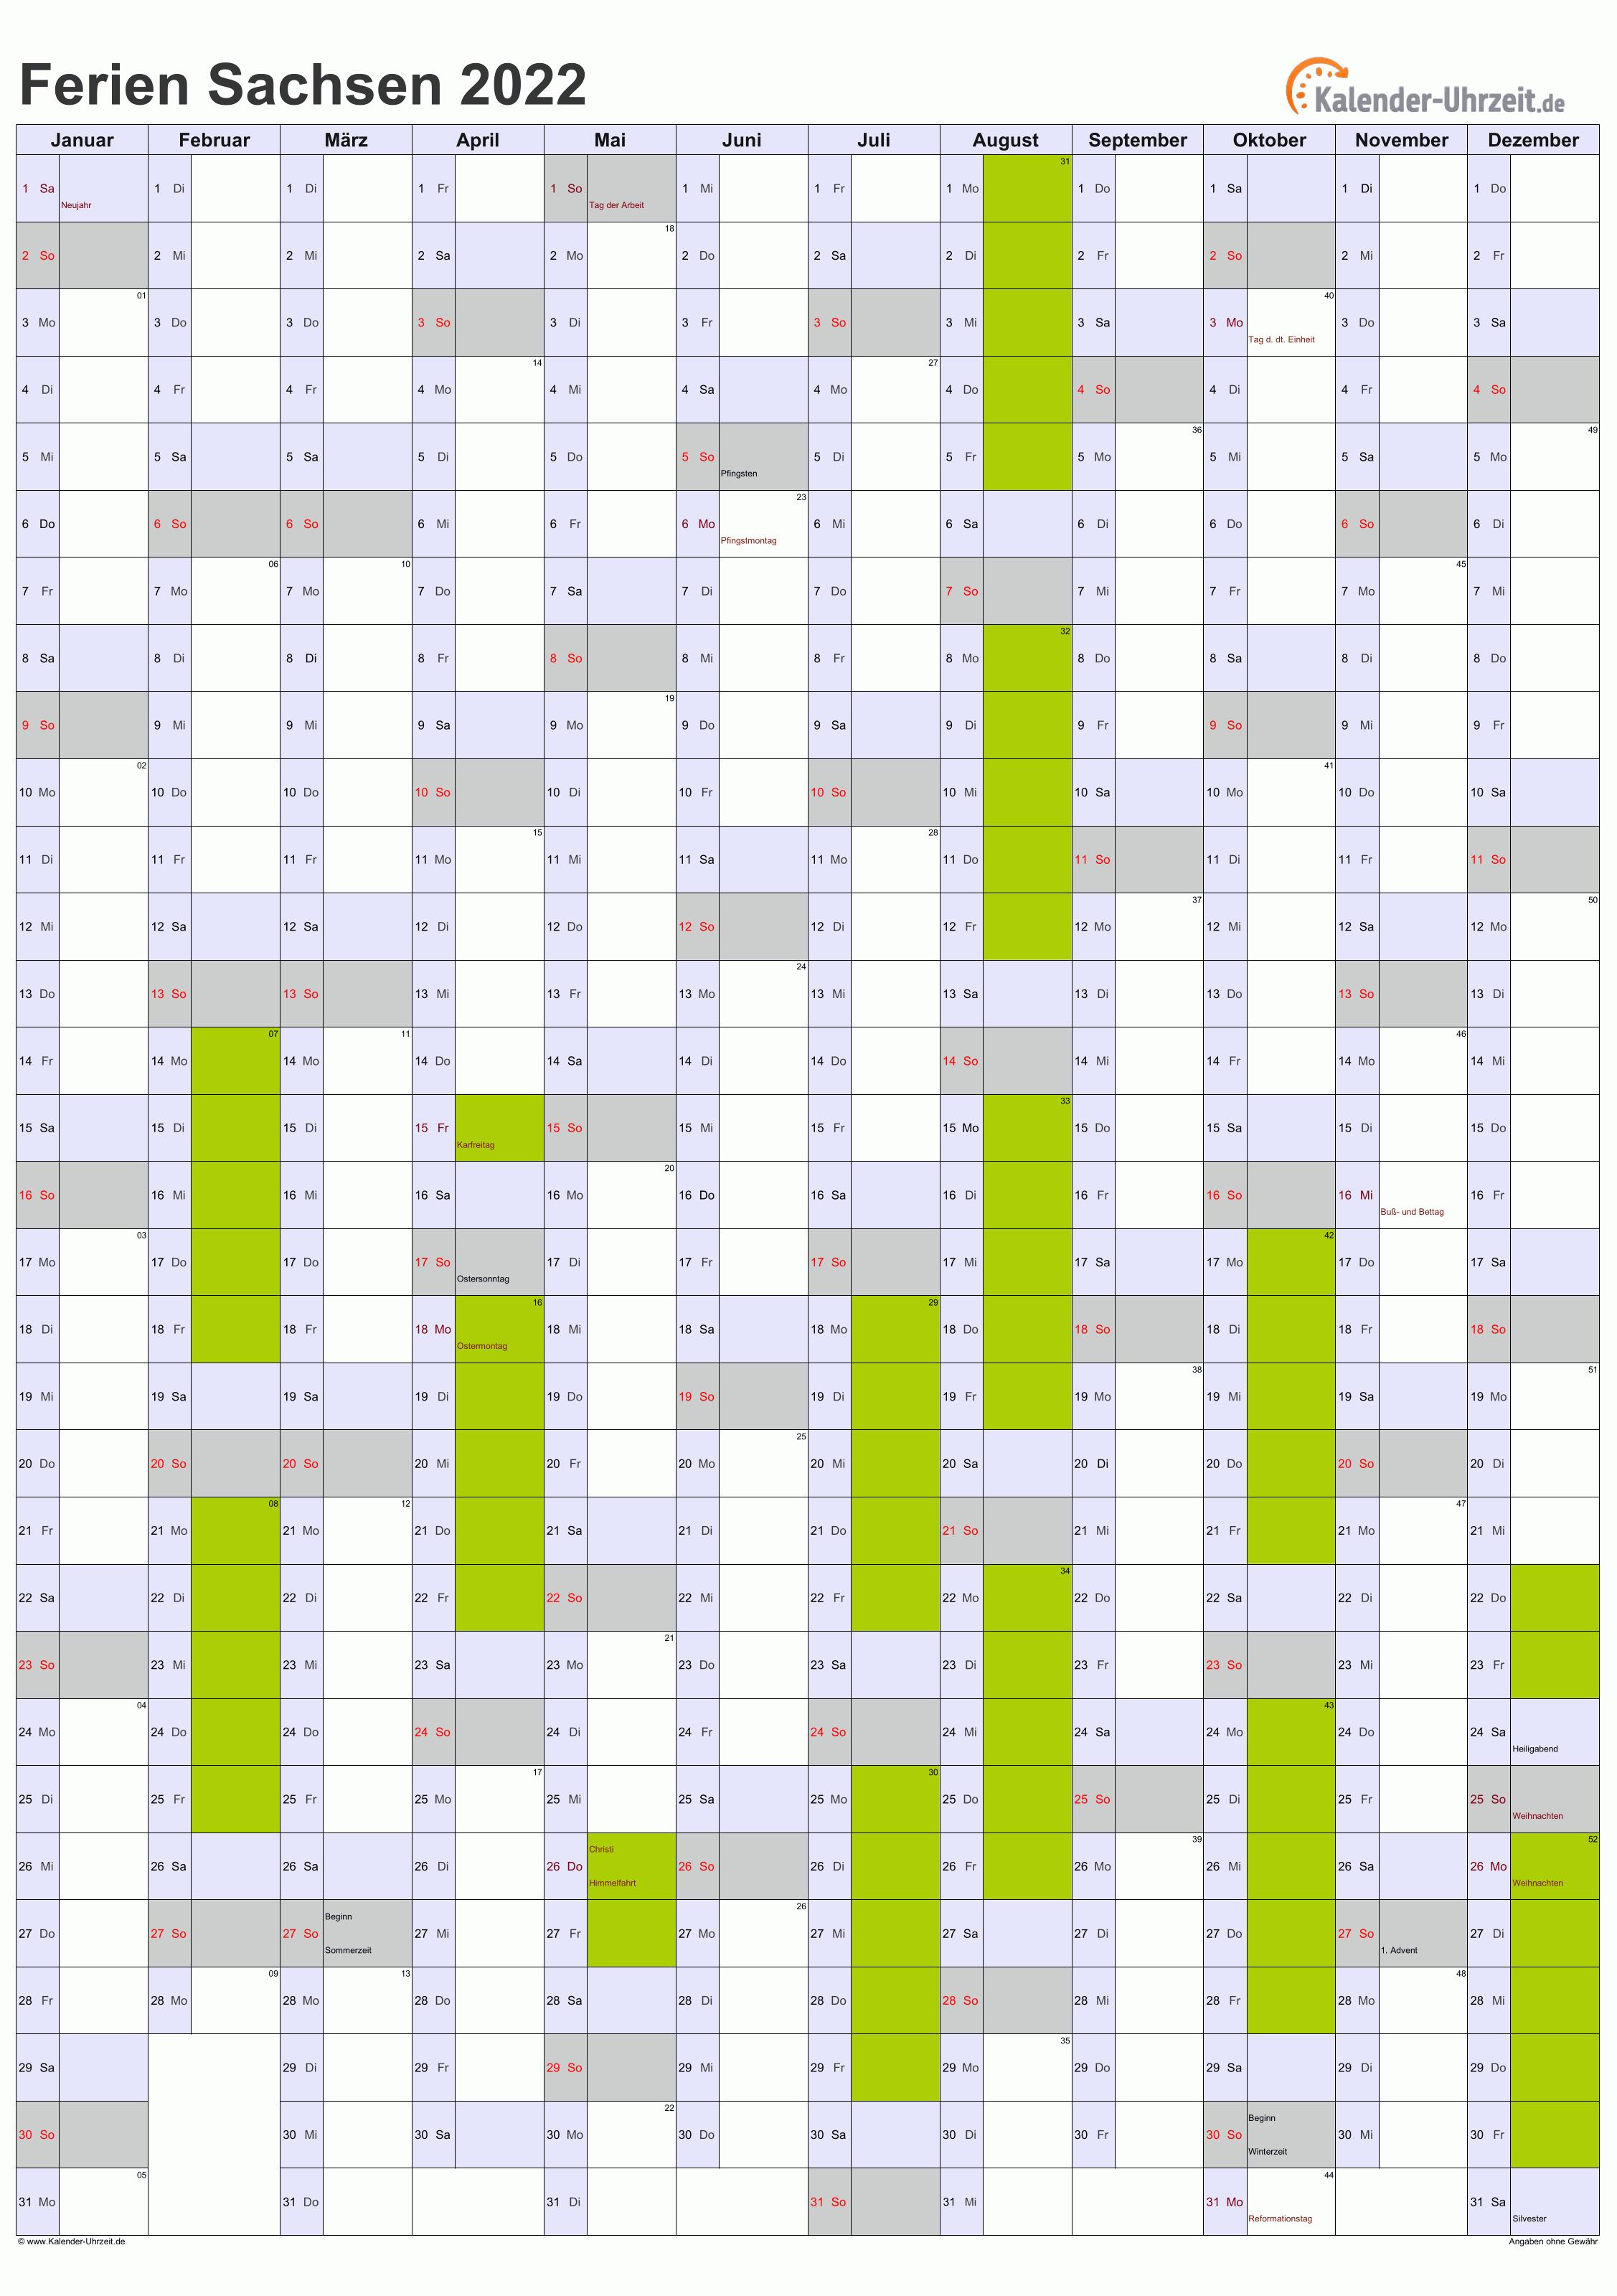 Ferien Sachsen 2022 - Ferienkalender zum Ausdrucken